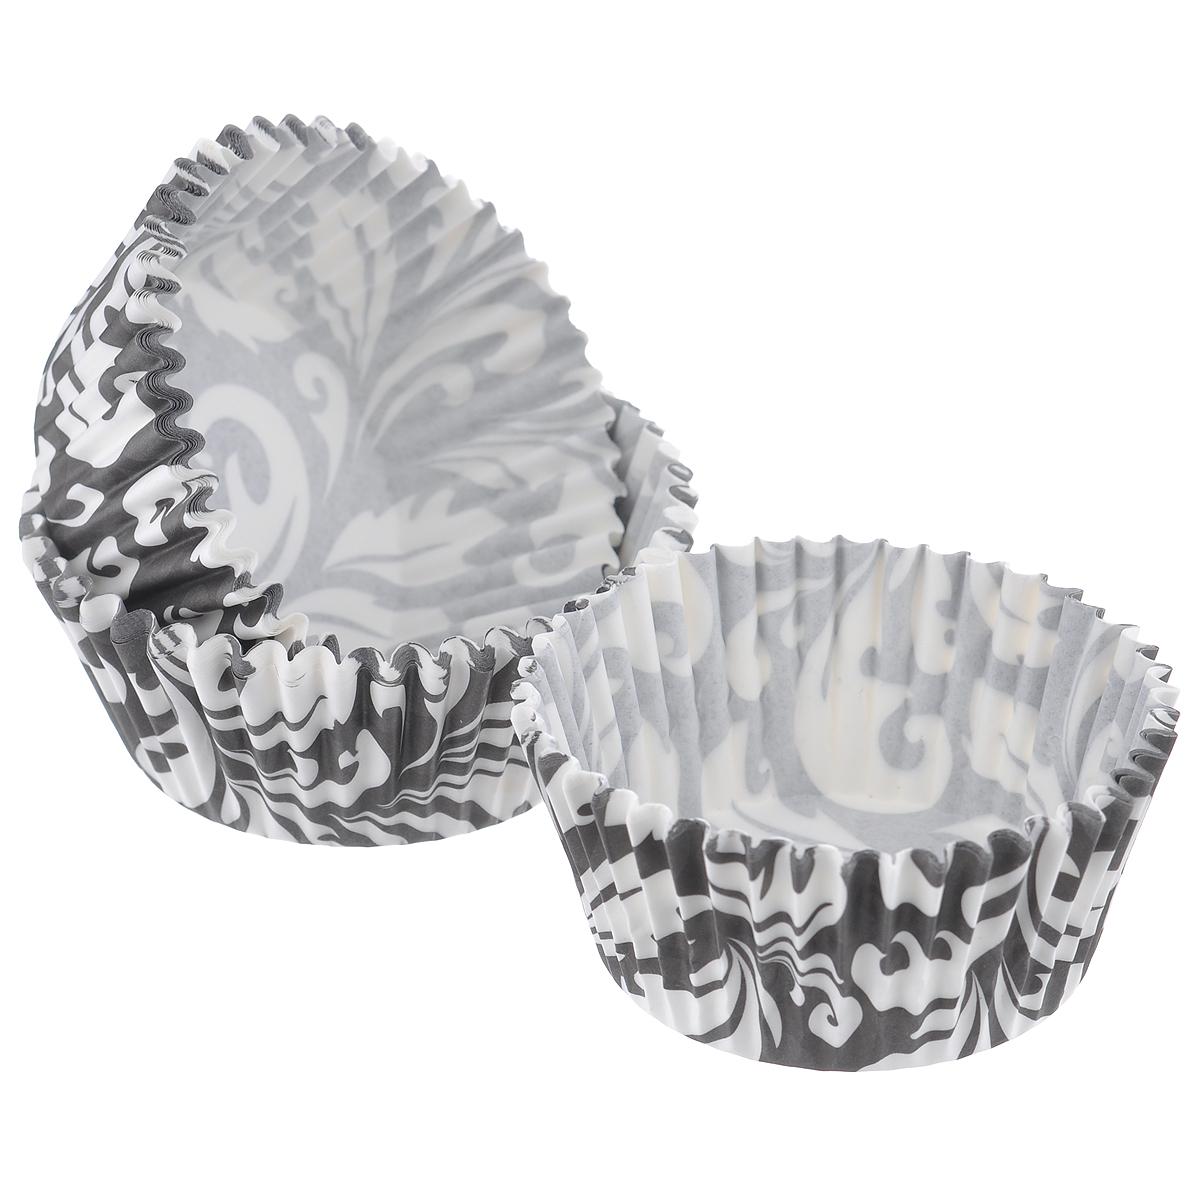 Набор бумажных форм для кексов Dolce Arti Черный узор, цвет: черный, белый, диаметр 7 см, 50 штDA080201Набор Dolce Arti Черный узор состоит из 50 бумажных форм для кексов, оформленных оригинальным узором. Они предназначены для выпечки и упаковки кондитерских изделий, также могут использоваться для сервировки орешков, конфет и многого другого. Для одноразового применения. Гофрированные бумажные формы идеальны для выпечки кексов, булочек и пирожных. Высота стенки: 3 см. Диаметр (по верхнему краю): 7 см. Диаметр дна: 5 см.